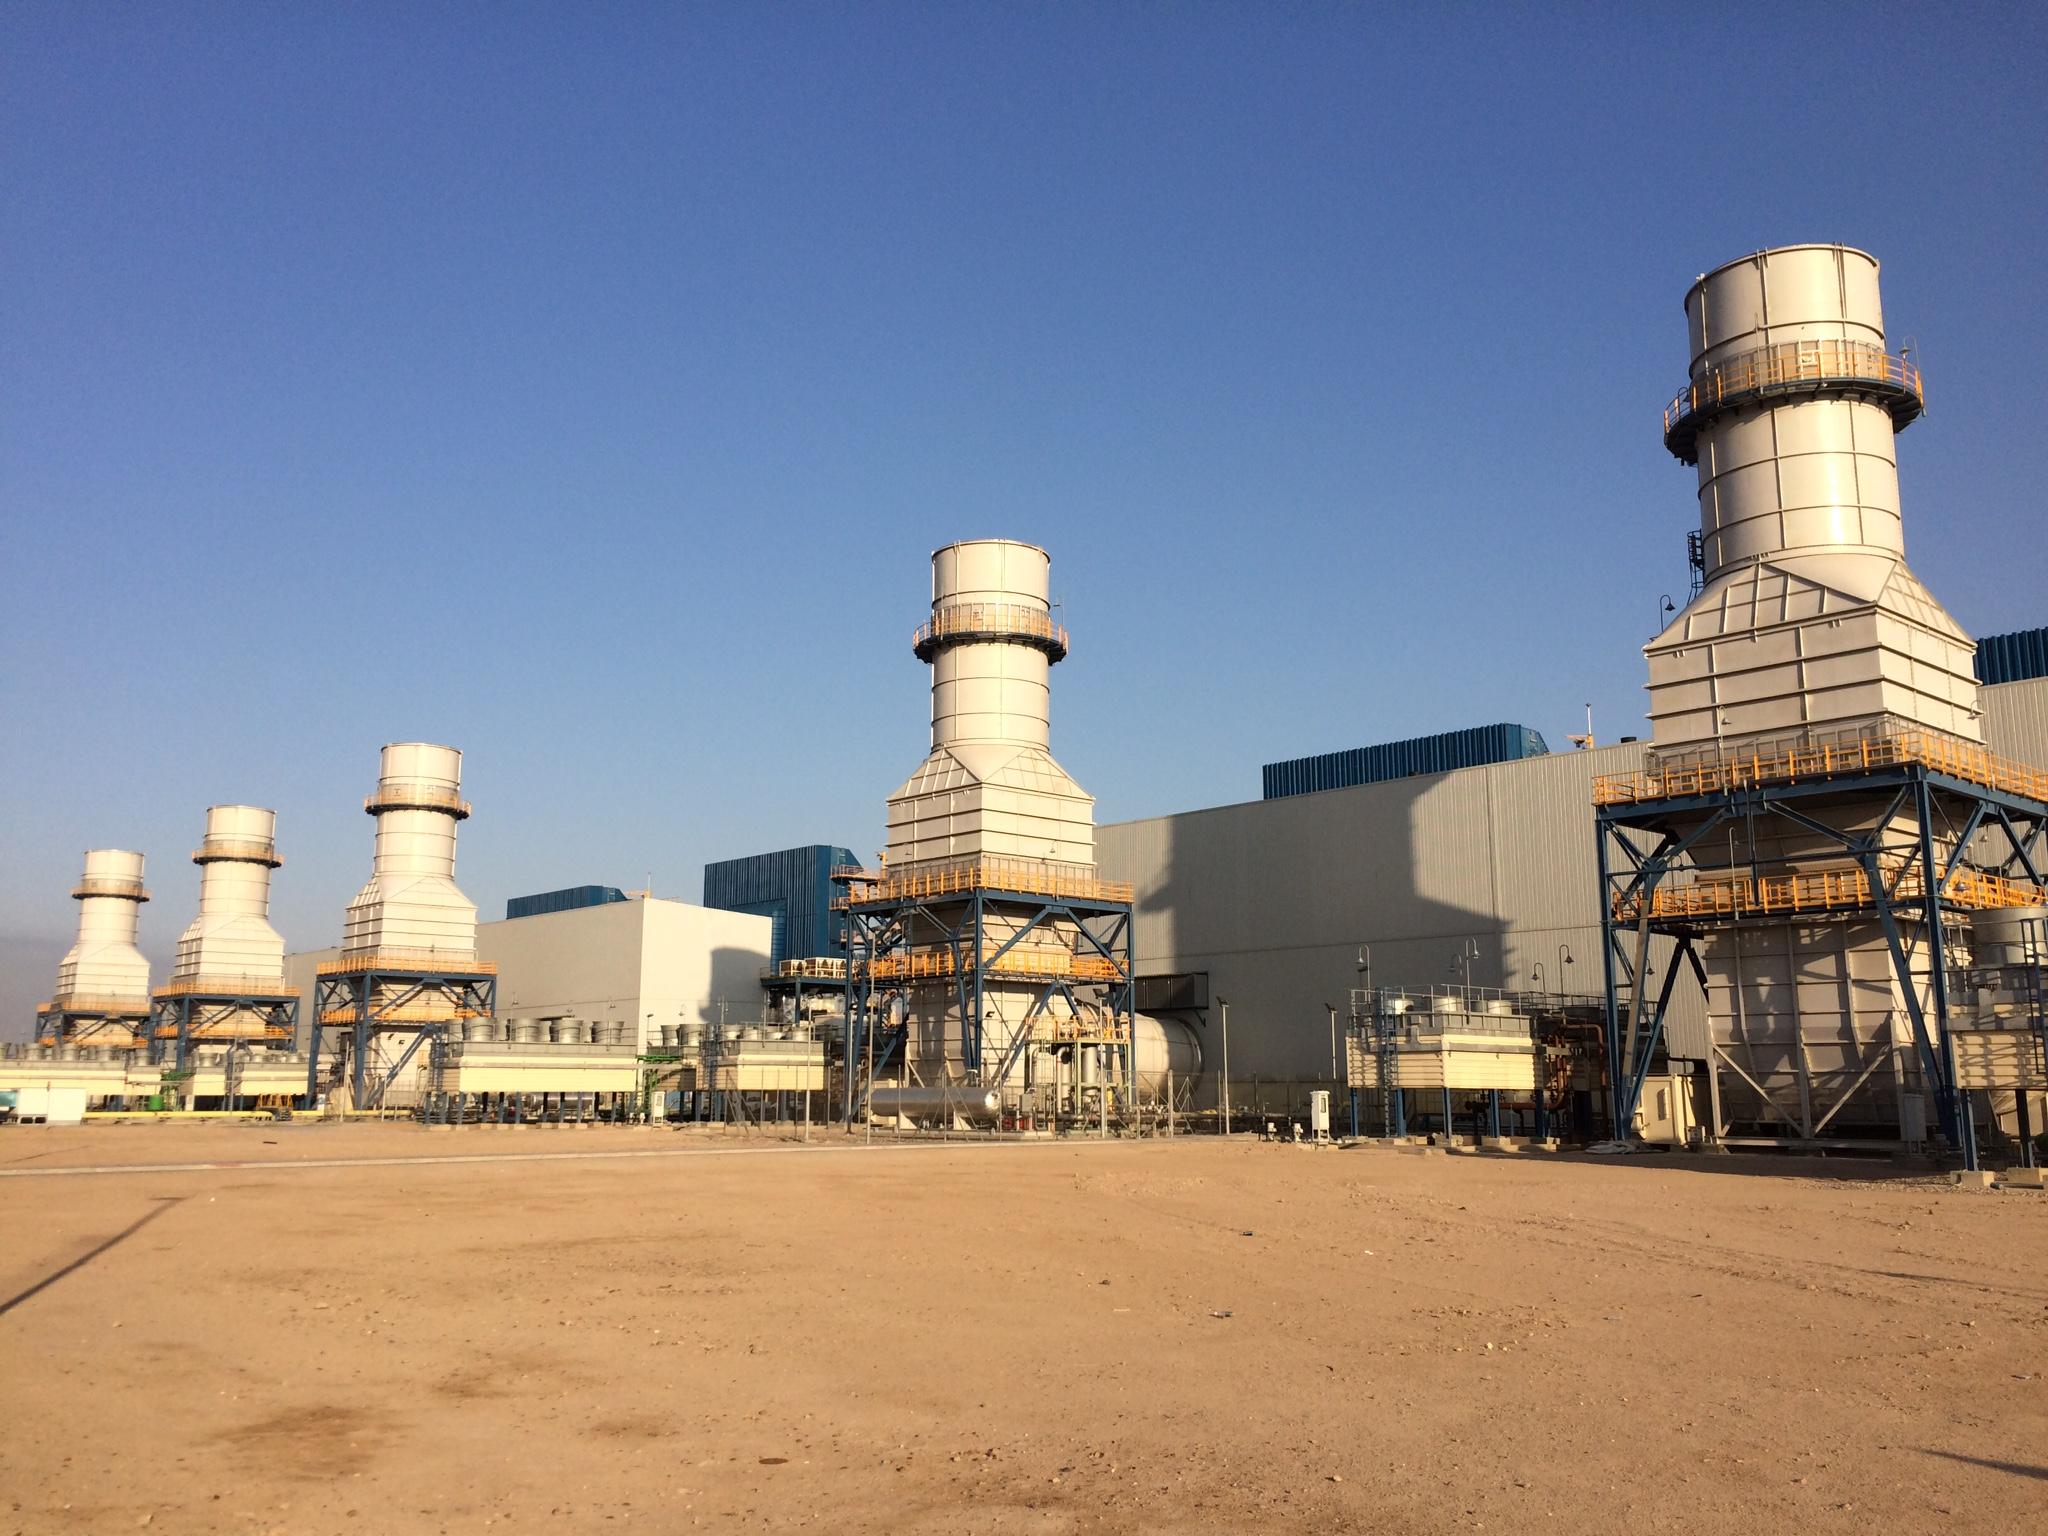 Siemens to add 700MW to Rumaila power plant in Iraq